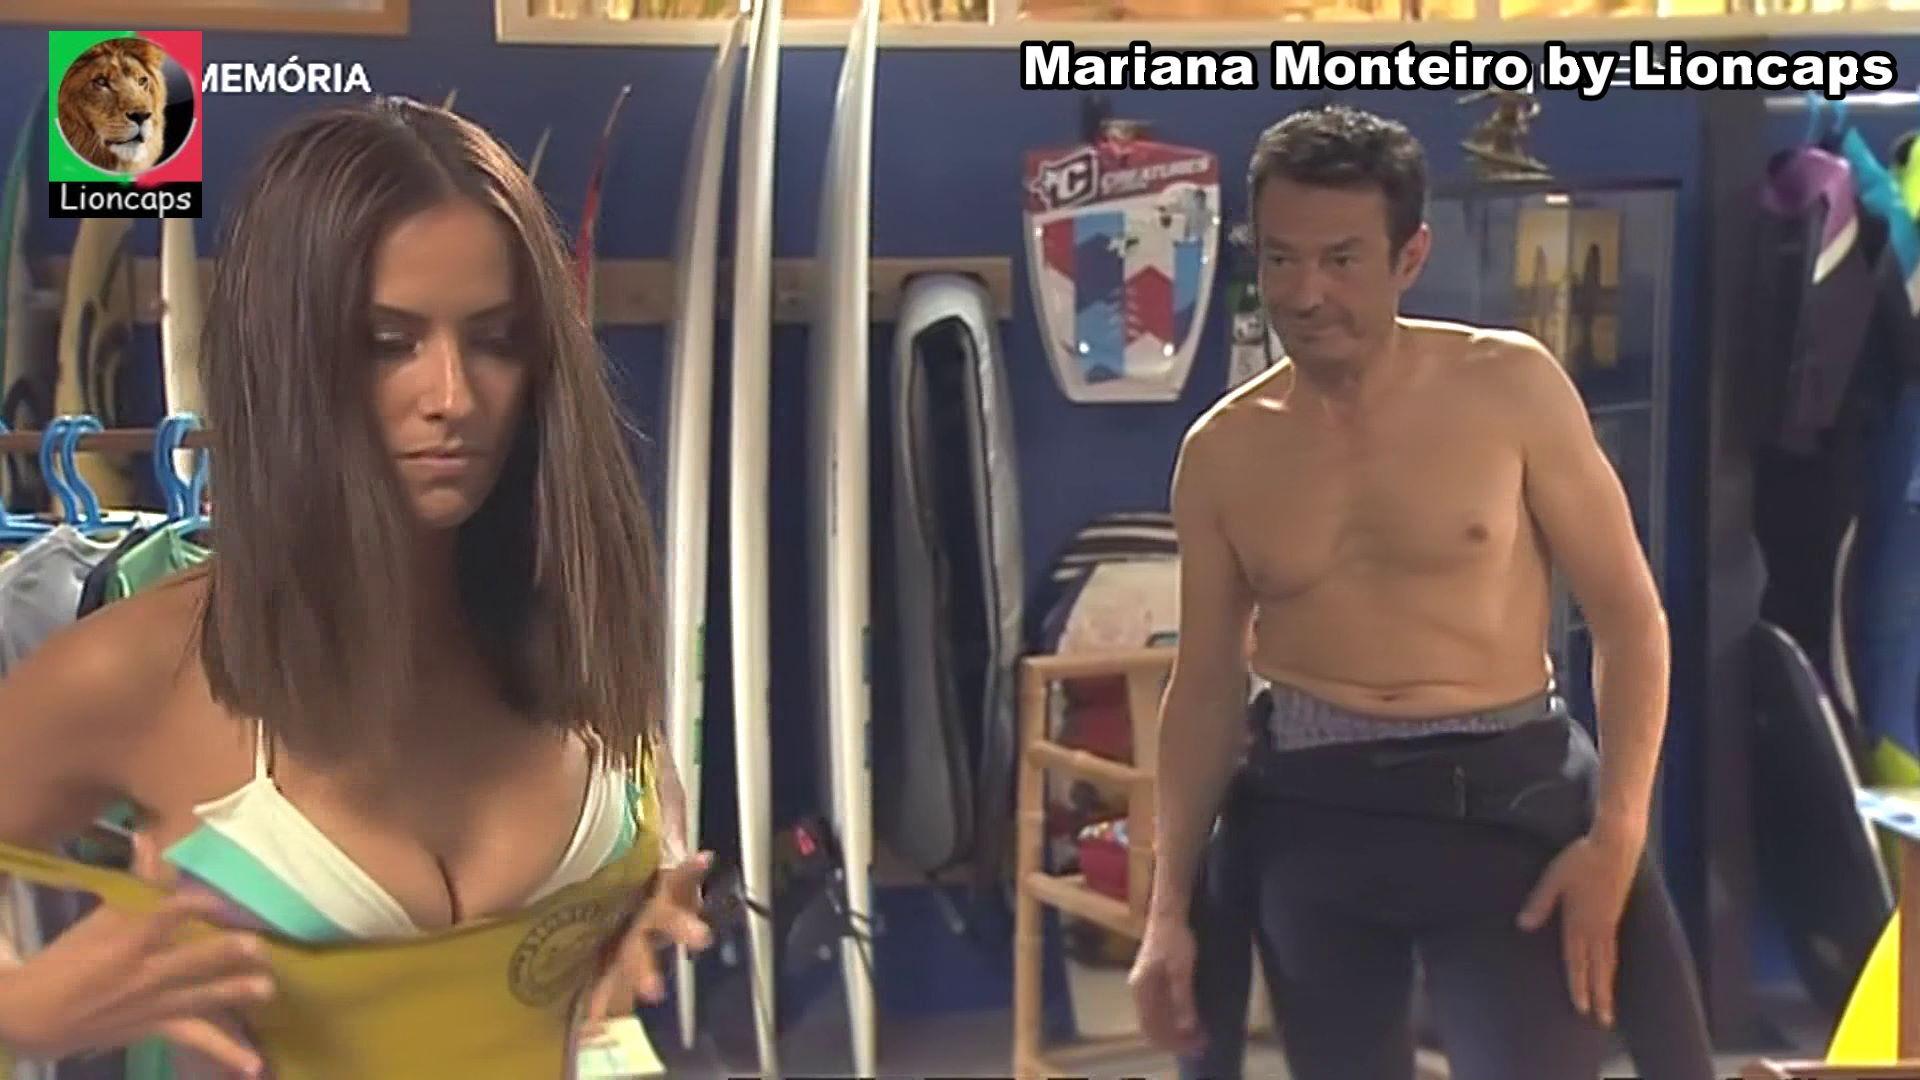 mariana_monteiro_vs200503-055 (10).JPG